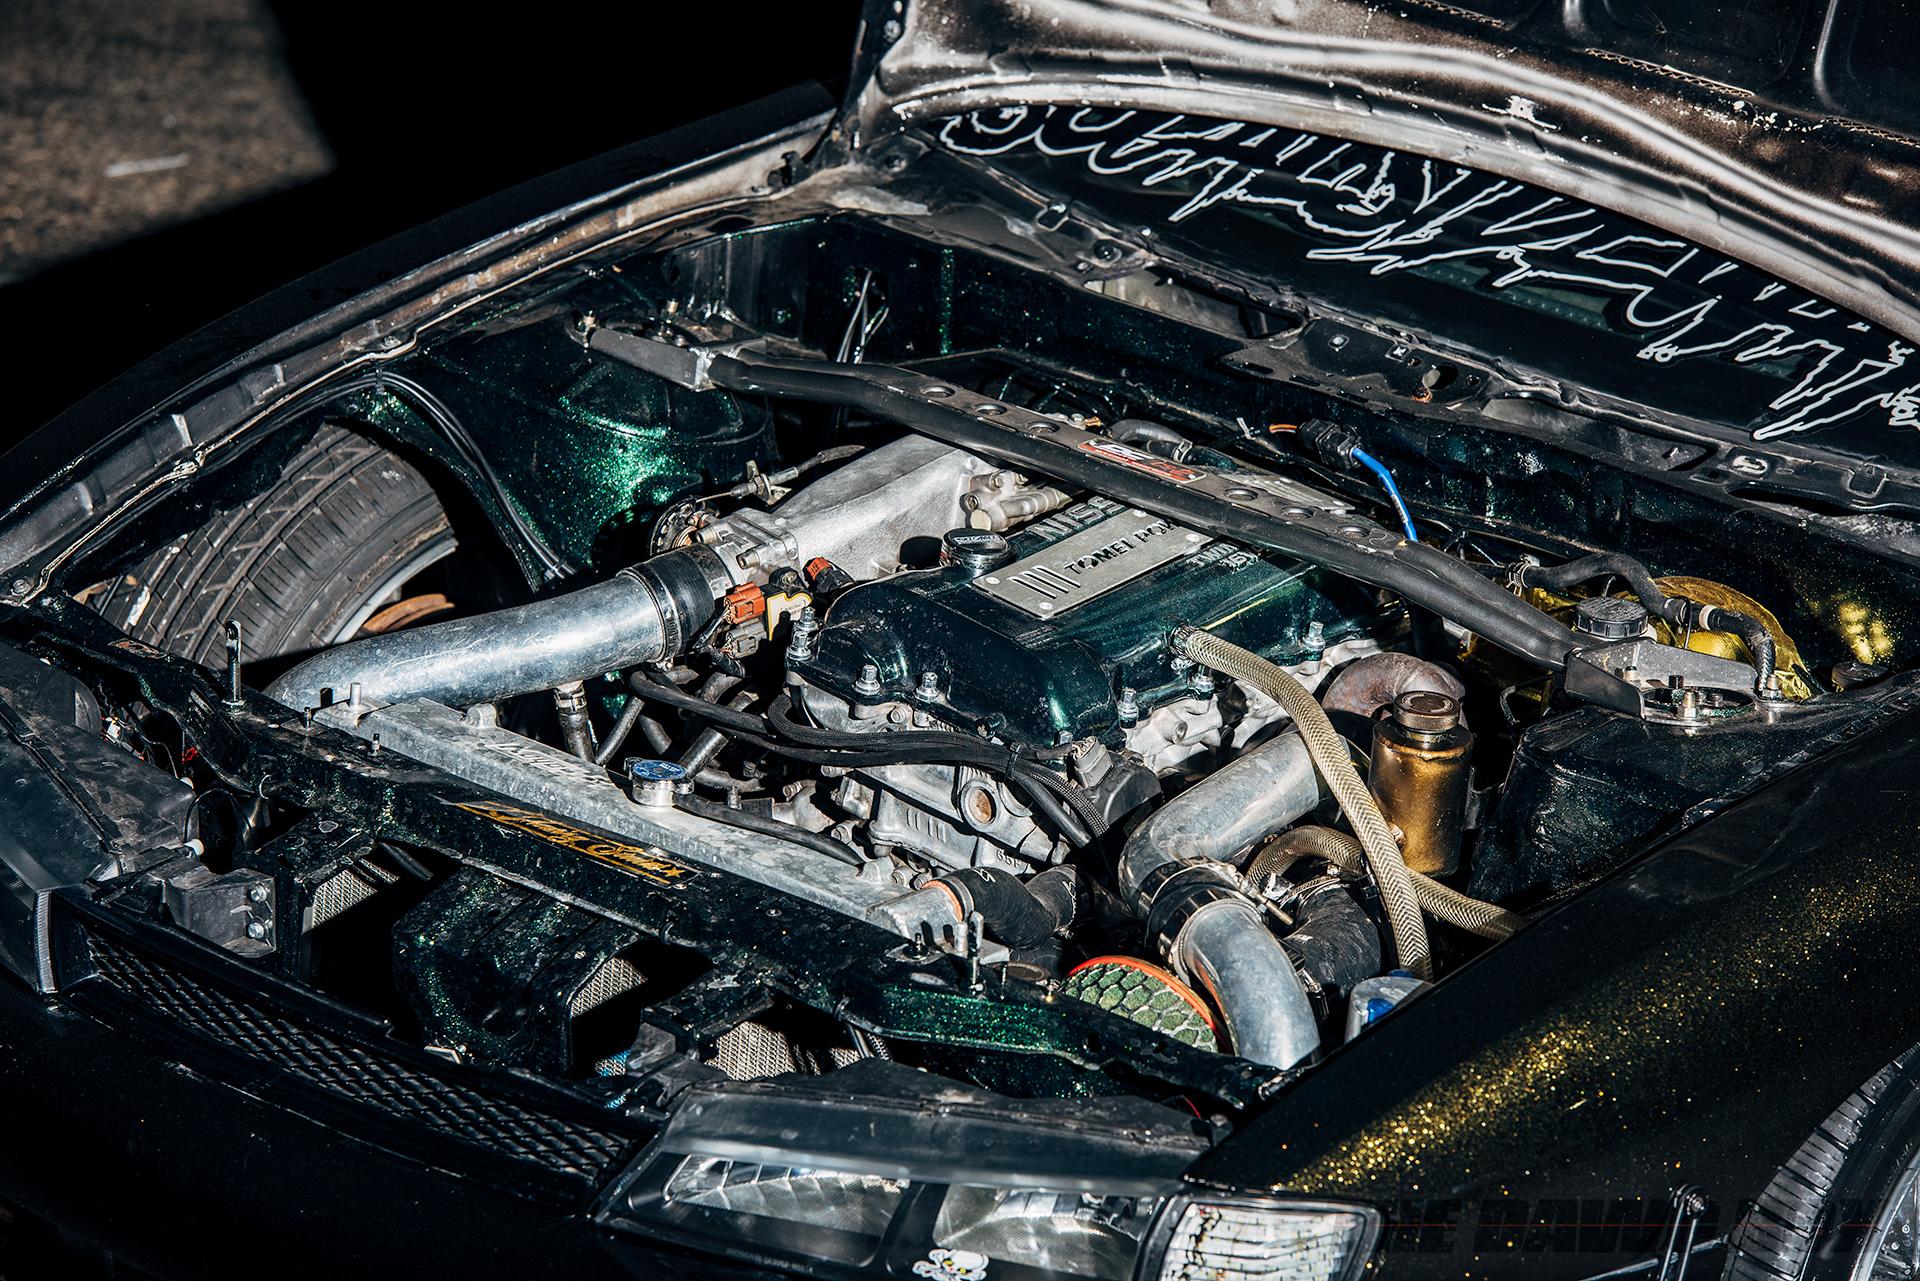 1997 Nissan 240SX modified SR20DET Engine